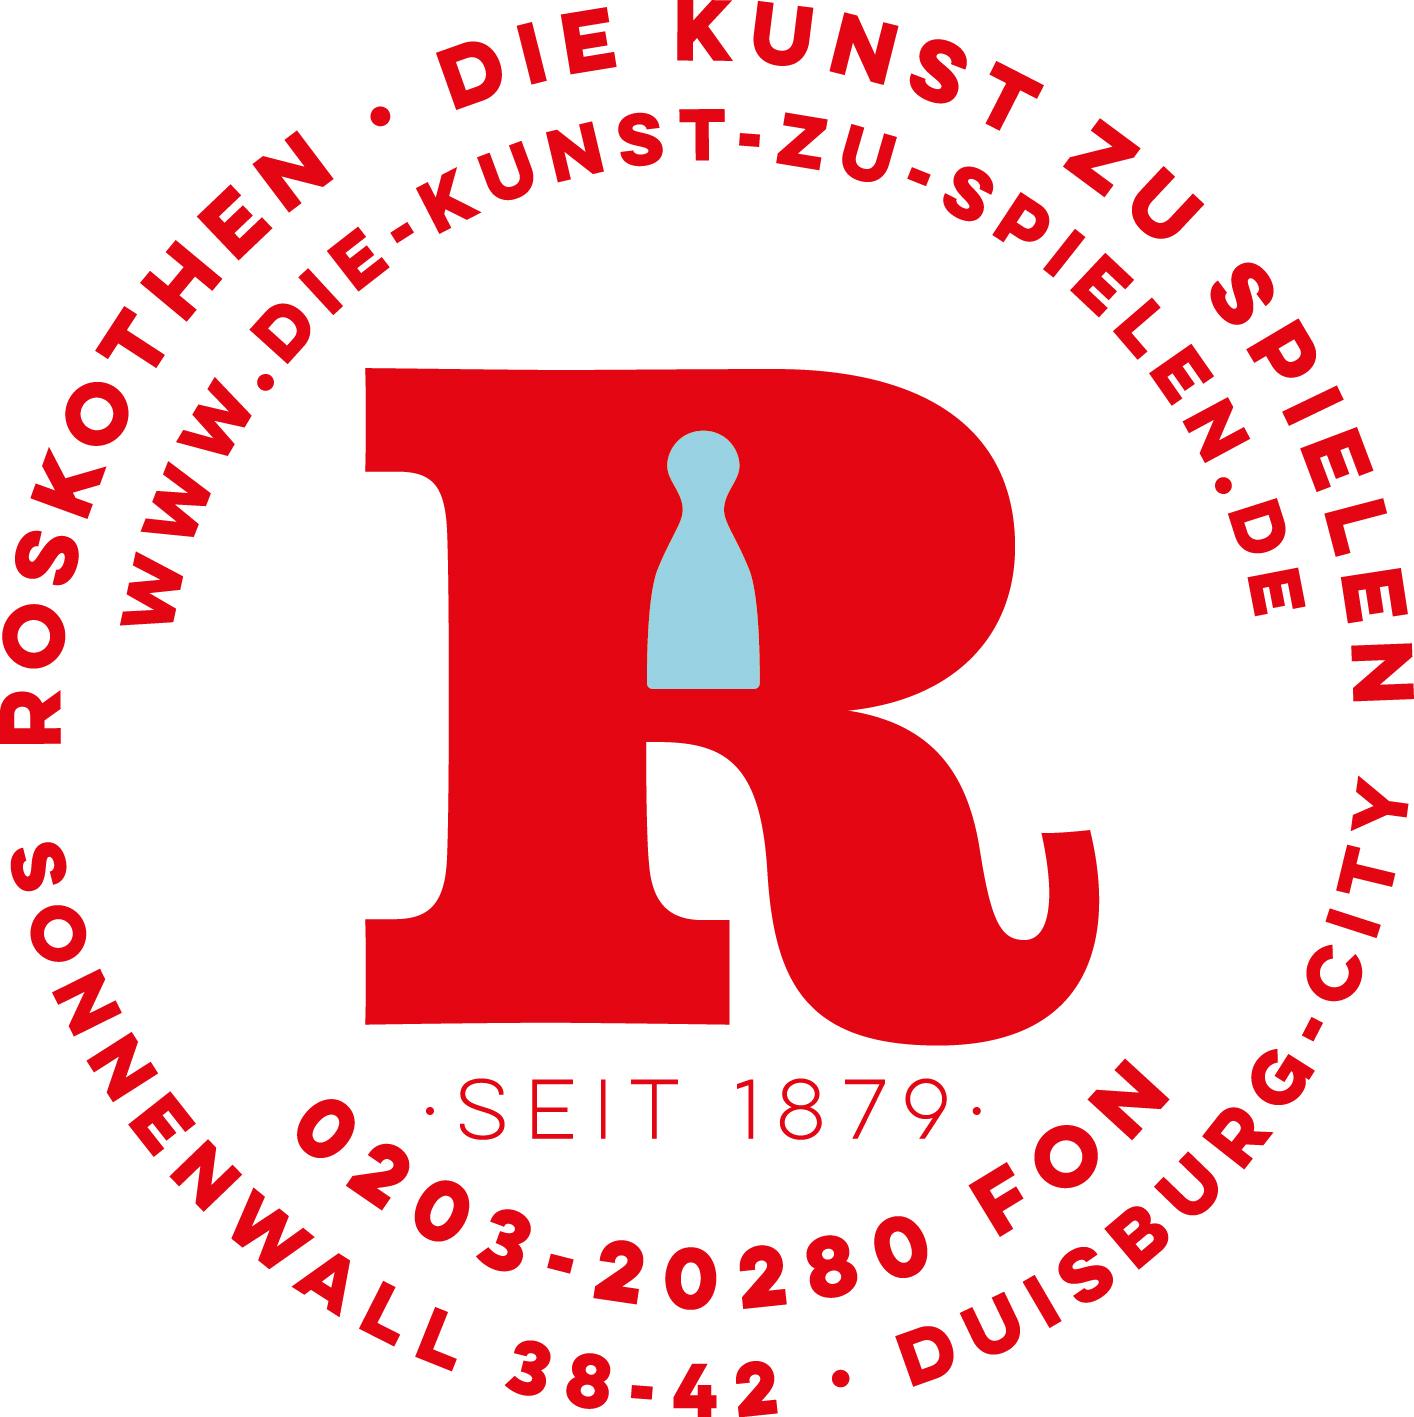 ROSKOTHEN - DIE KUNST ZU SPIELEN in Duisburg